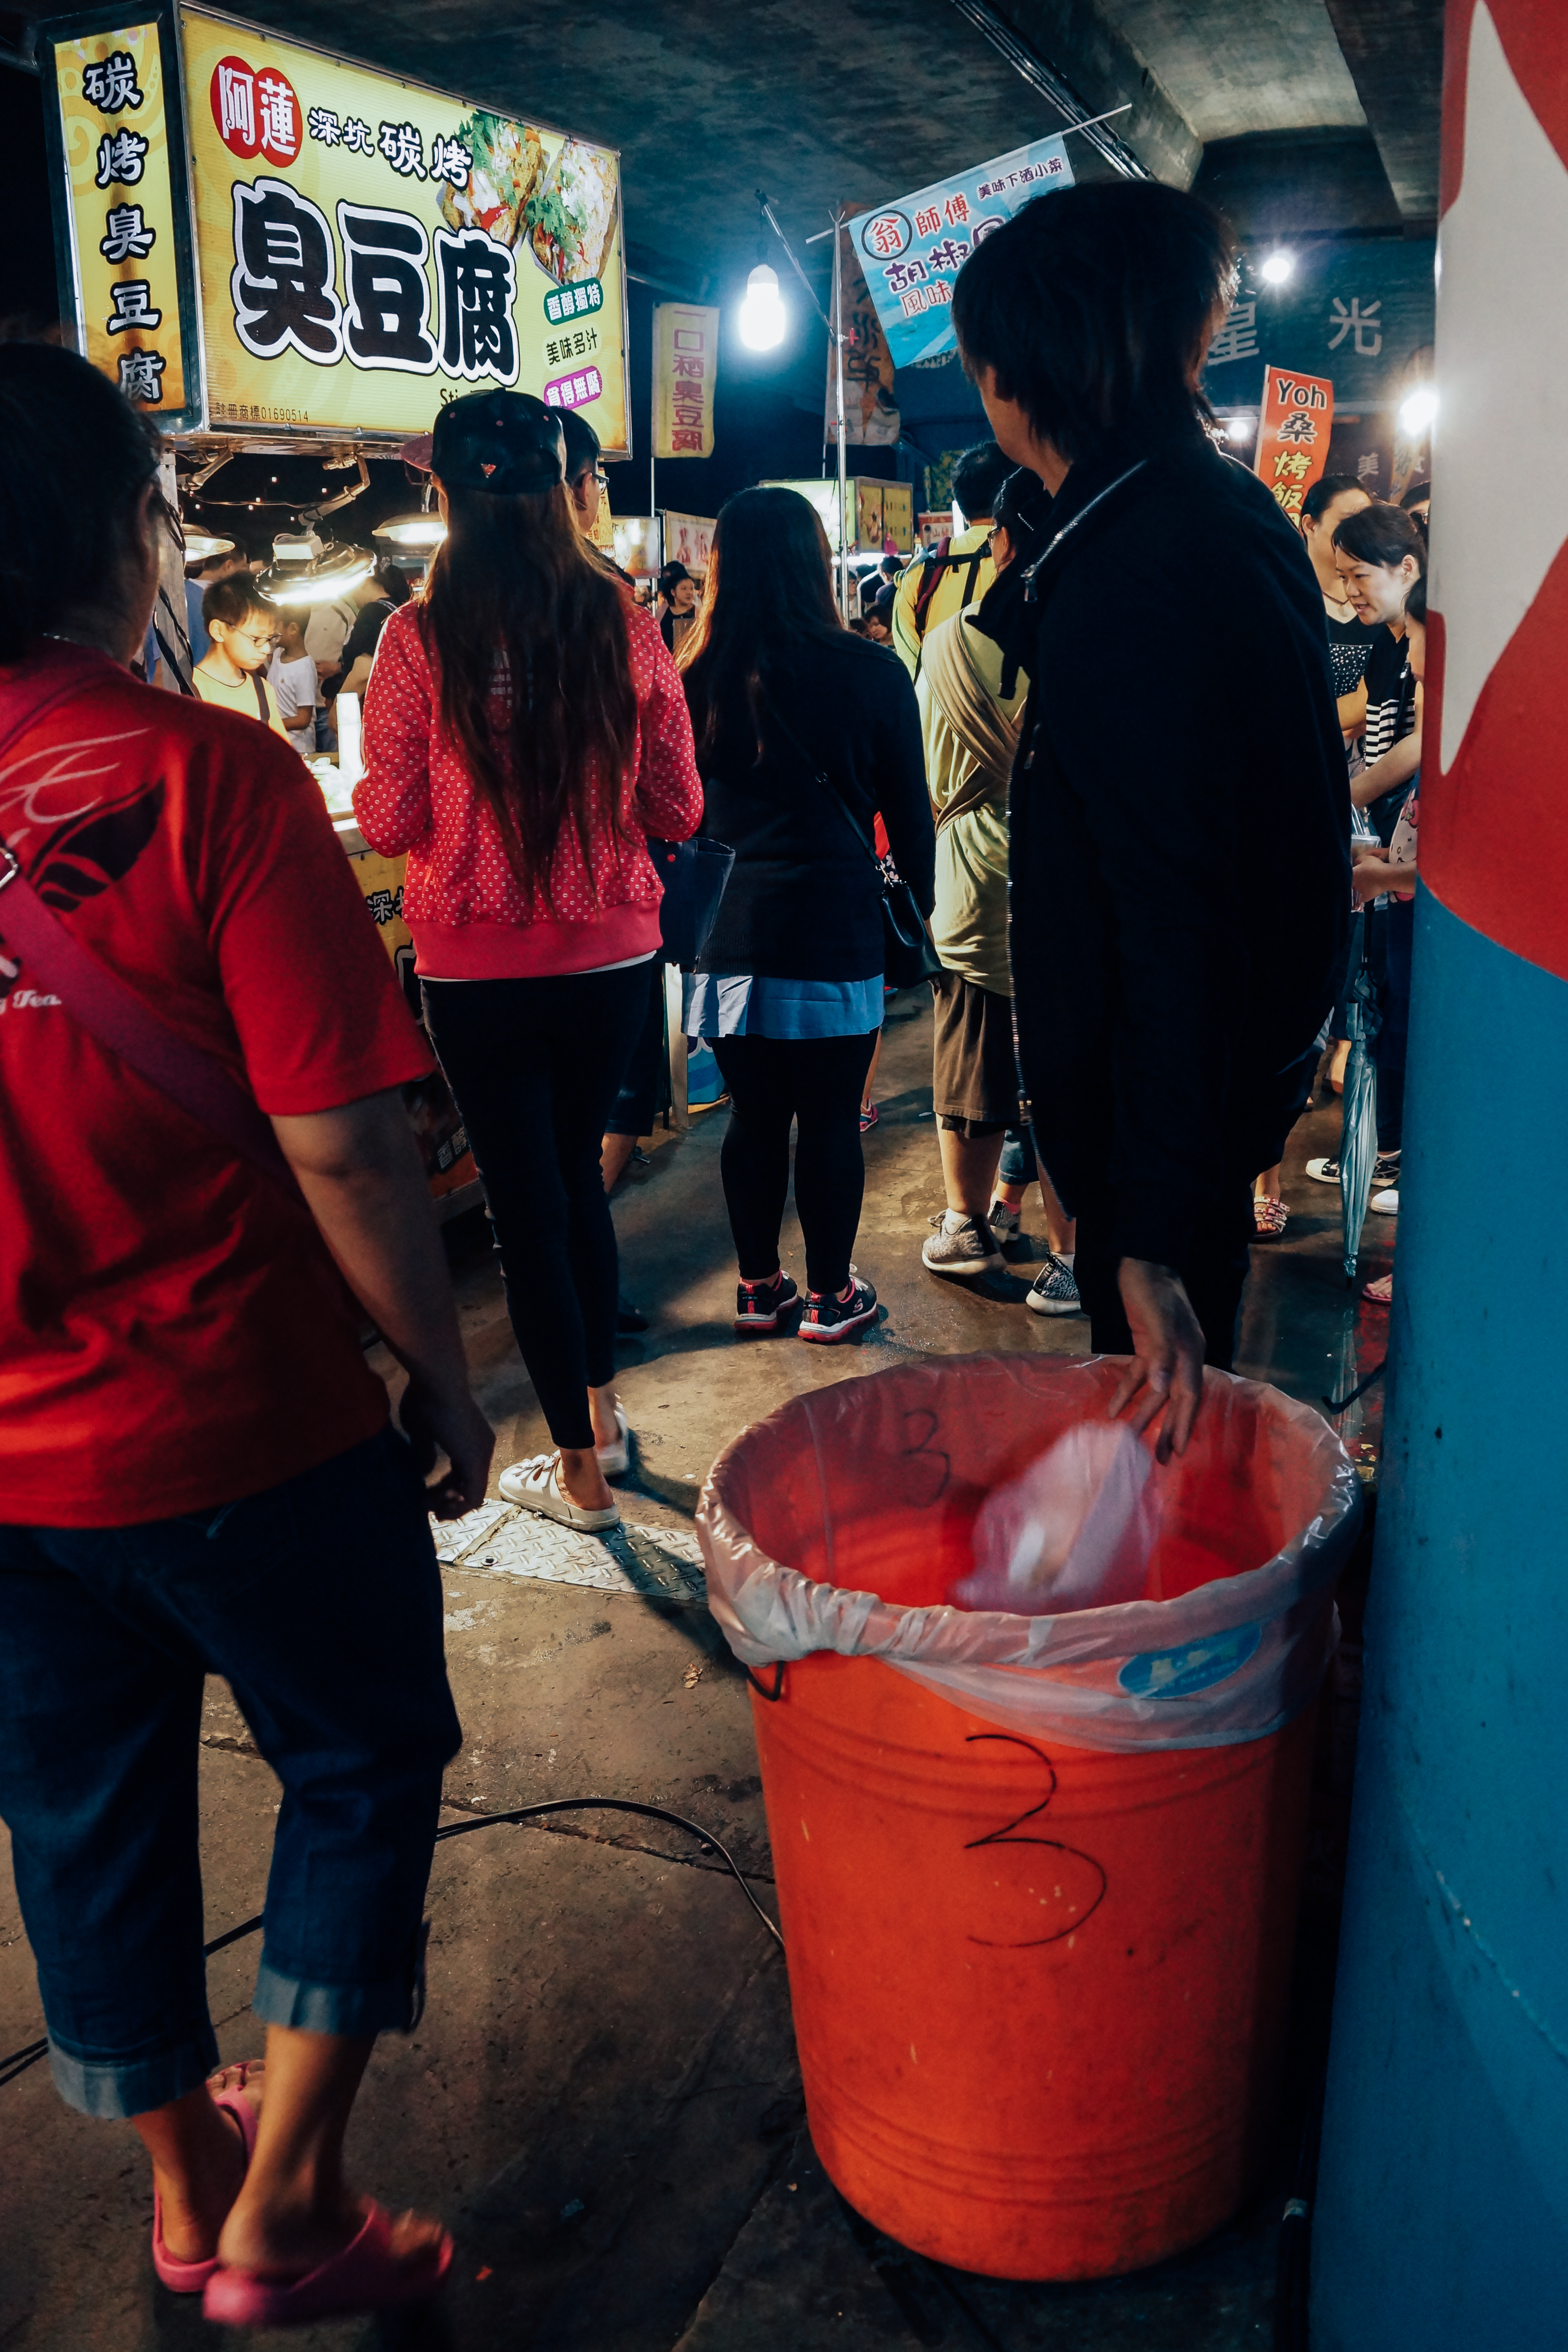 星光夜市內設有不少垃圾桶,也不時有專人清理,整體環境較一般夜市乾淨。攝影/潘姿穎